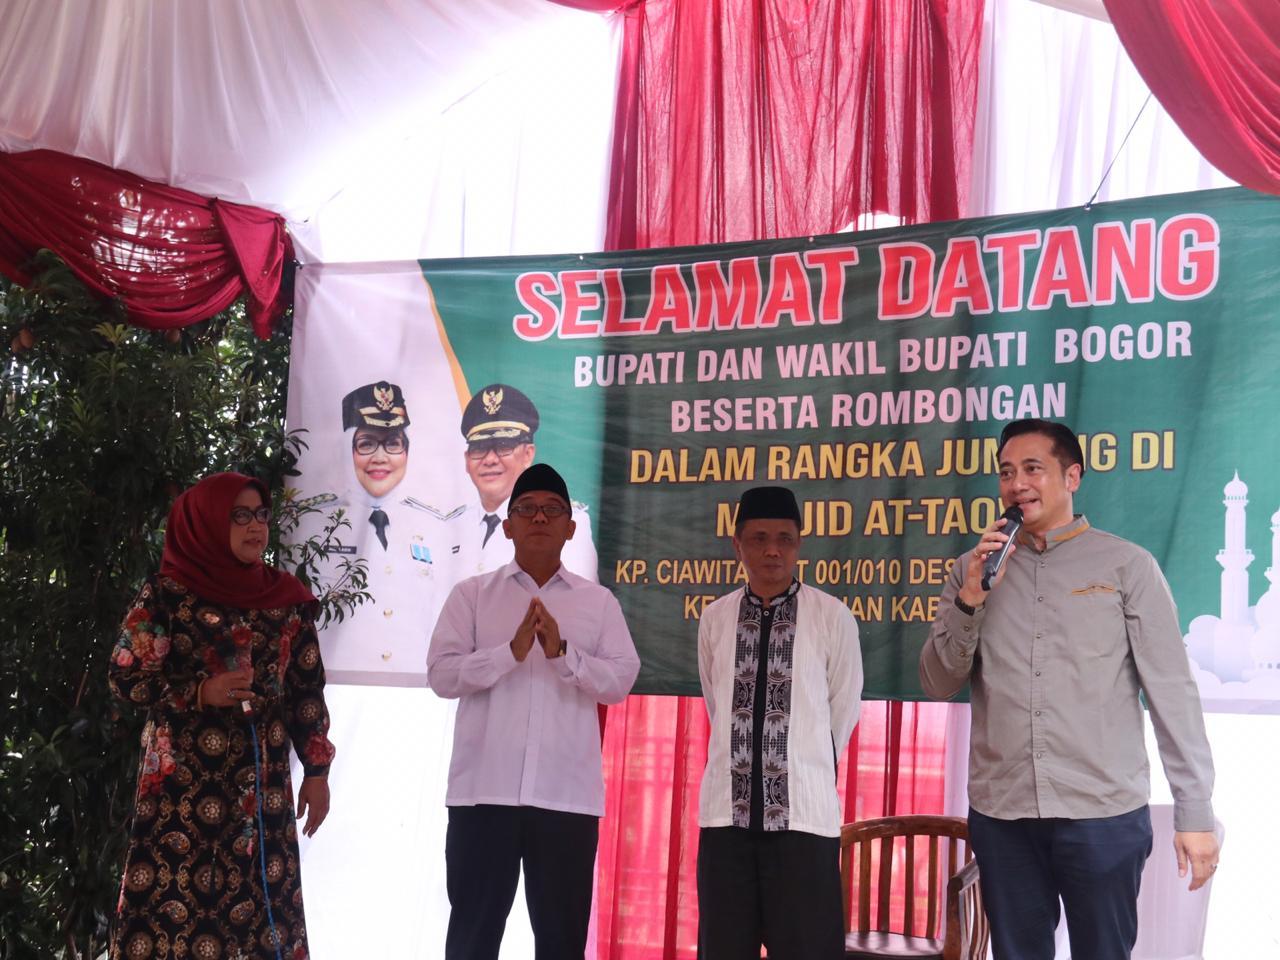 Ade Yasin Janji Memakmurkan Masjid-masjid di Kabupaten Bogor